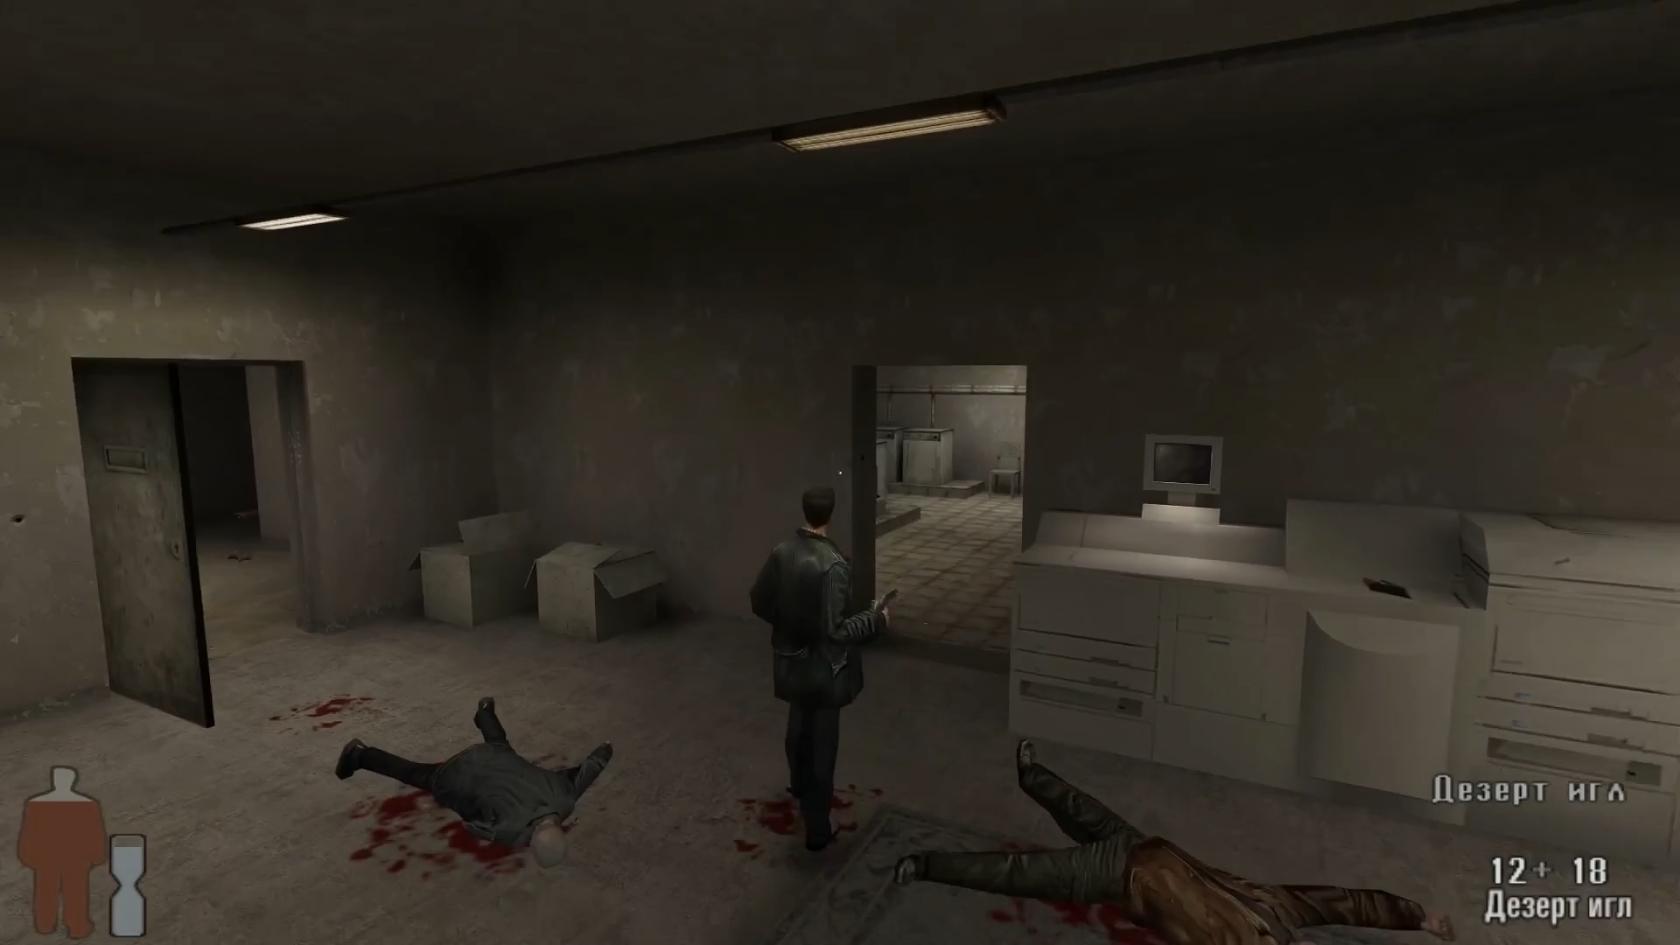 Философия мести   Ностальгический обзор игры Max Payne. - Изображение 11